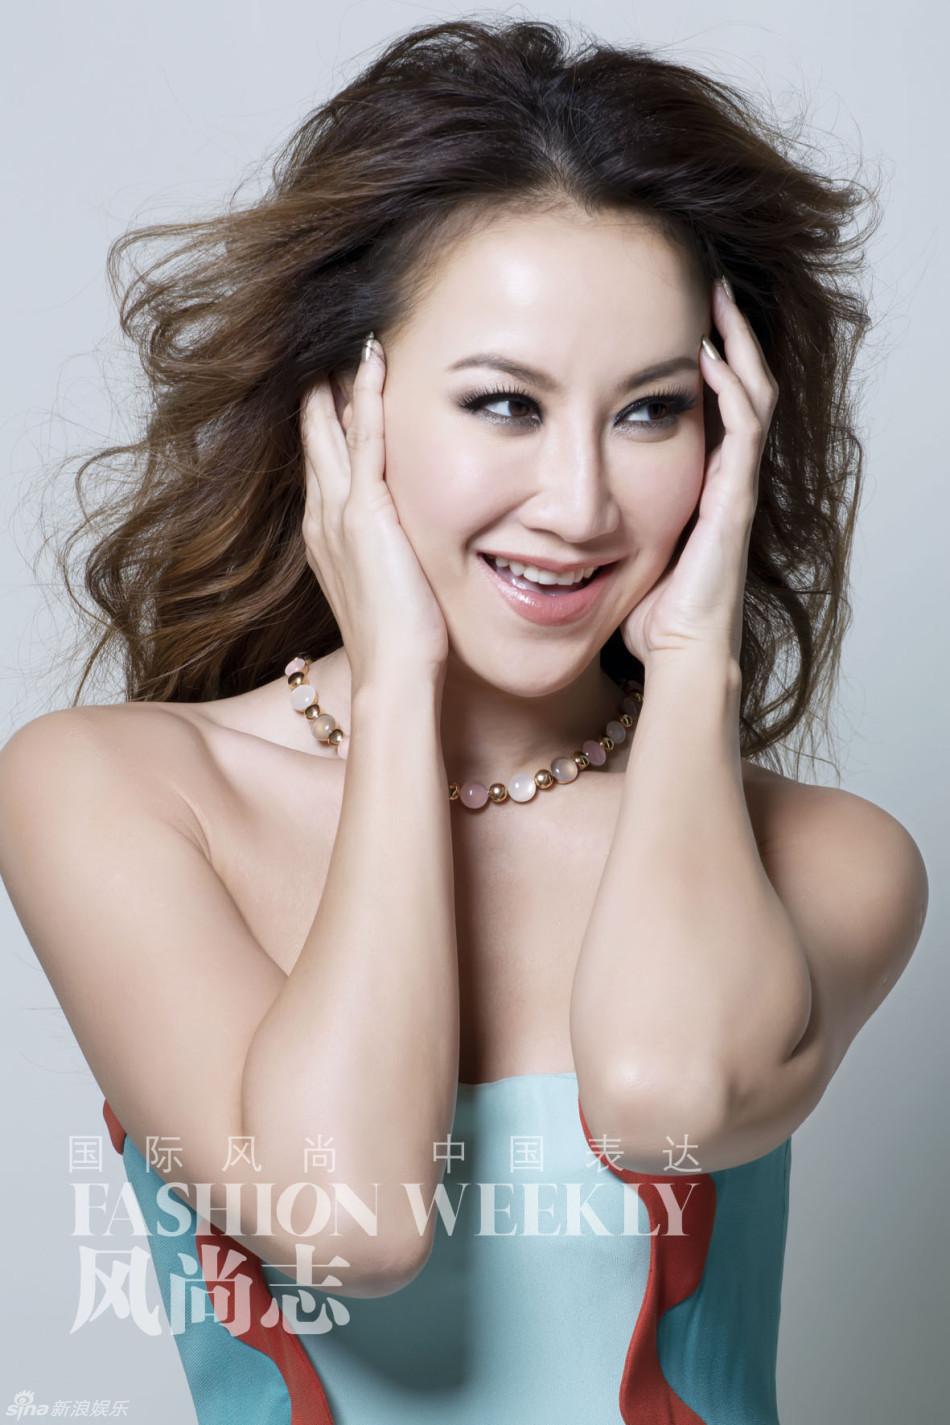 http://www.sinaimg.cn/dy/slidenews/4_img/2013_30/704_1037752_395556.jpg